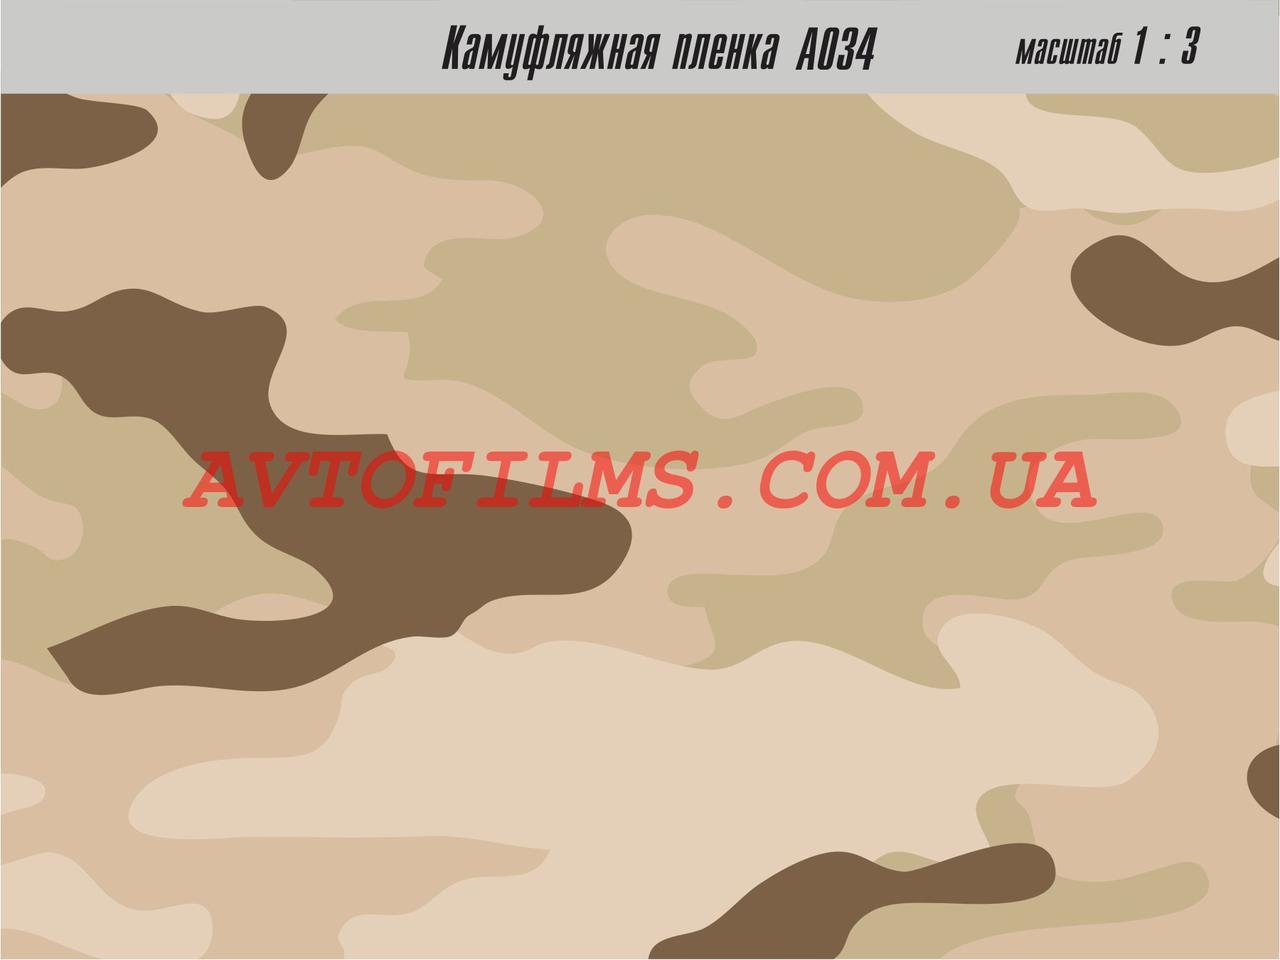 Кофейный военный камуфляж KPMF A034